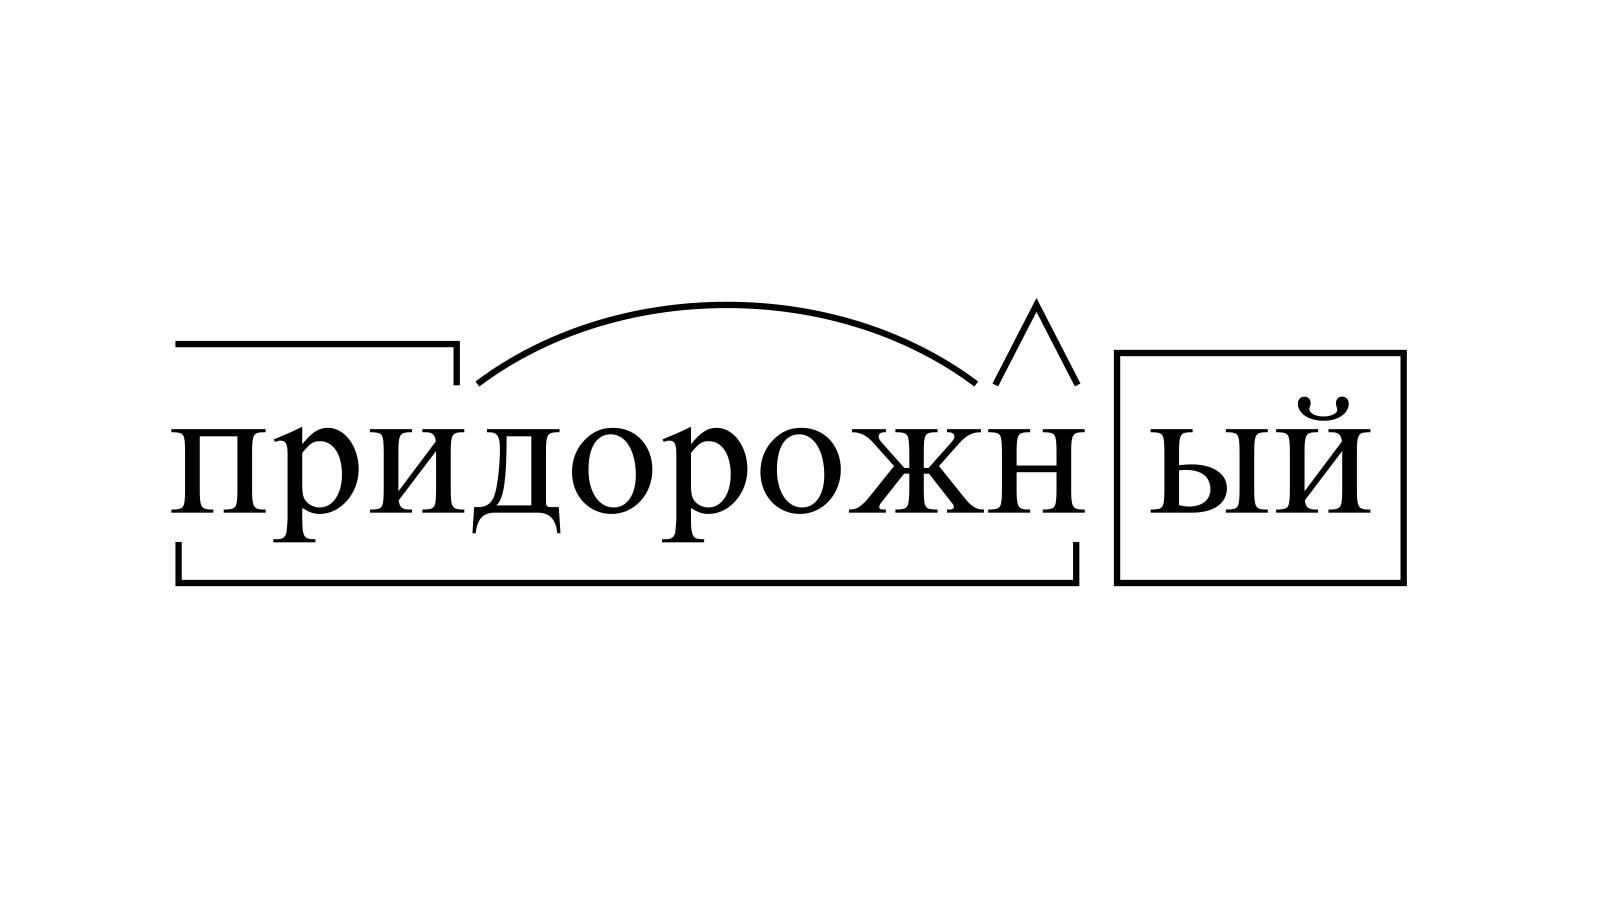 Разбор слова «придорожный» по составу